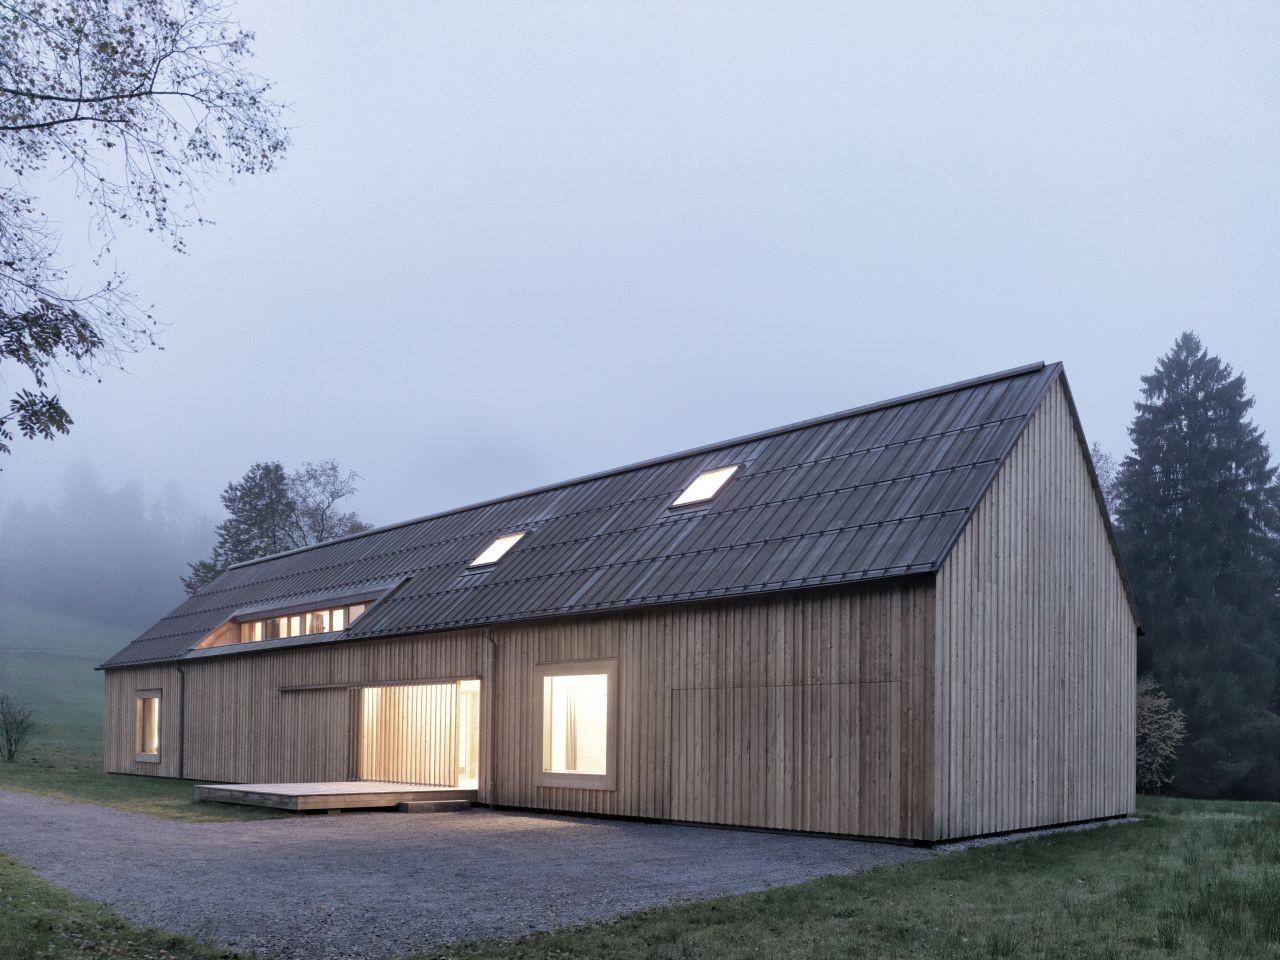 Innenarchitektur Garage Am Haus Das Beste Von Adolf Bereuter